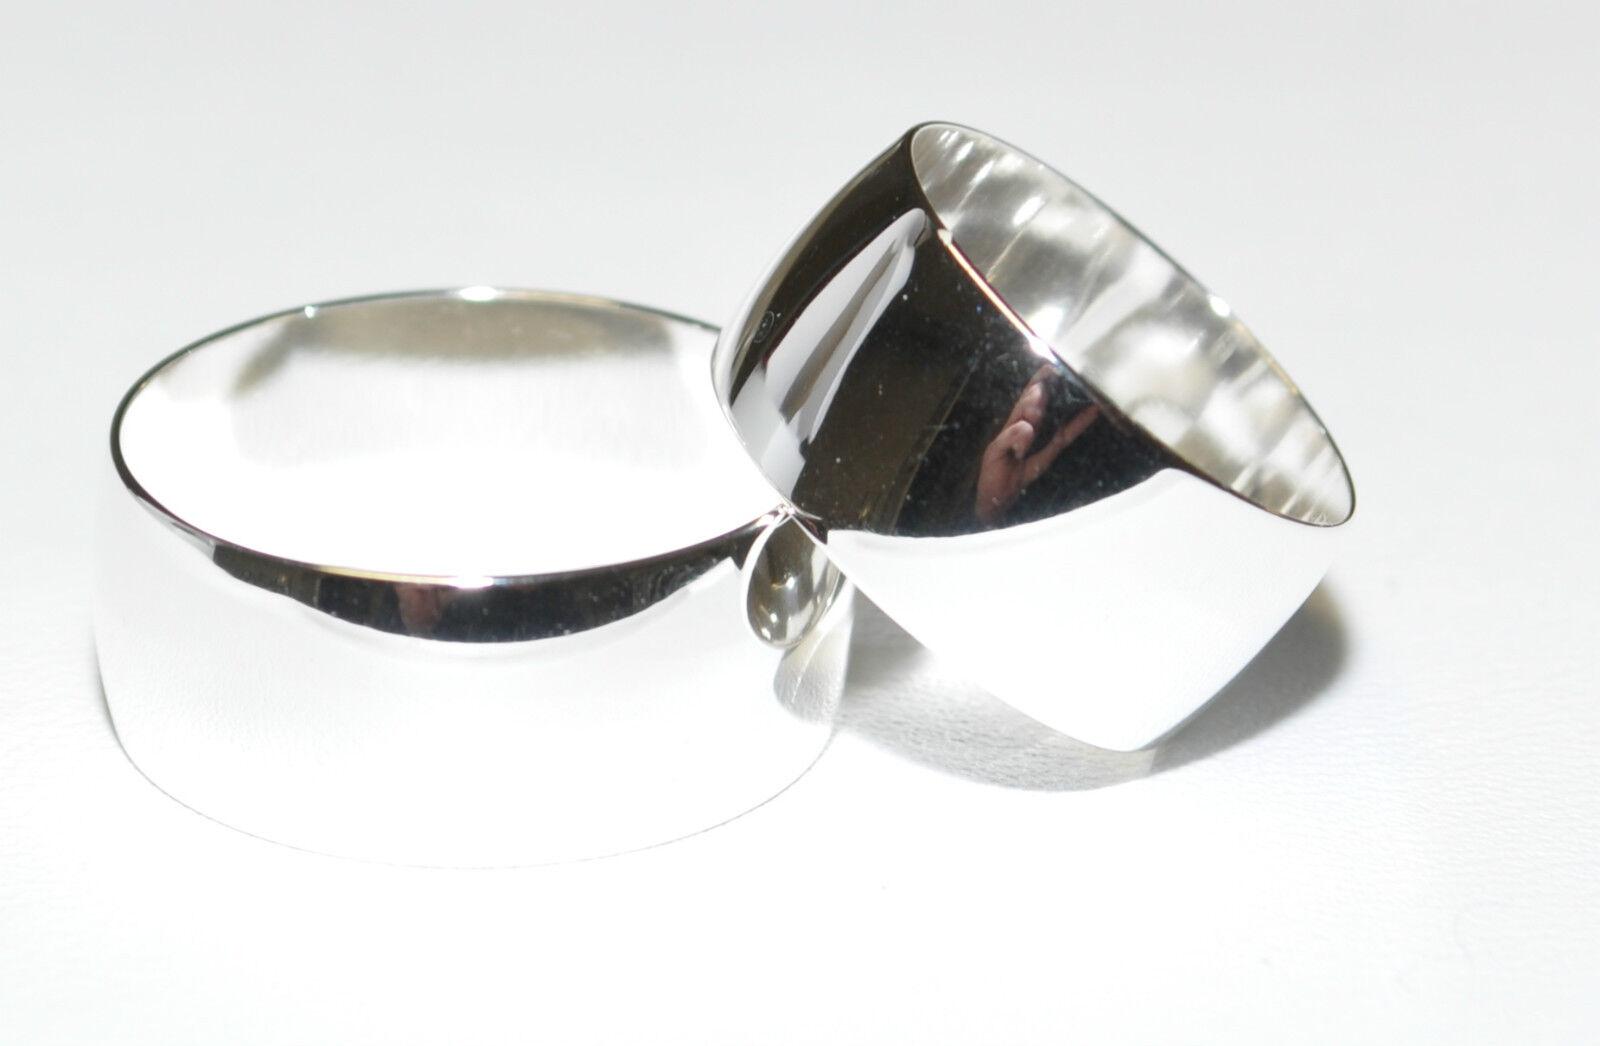 925 silver - Ehering - Trauring - Partnerring - 9 mm Breit - Alle Größen   Excl.